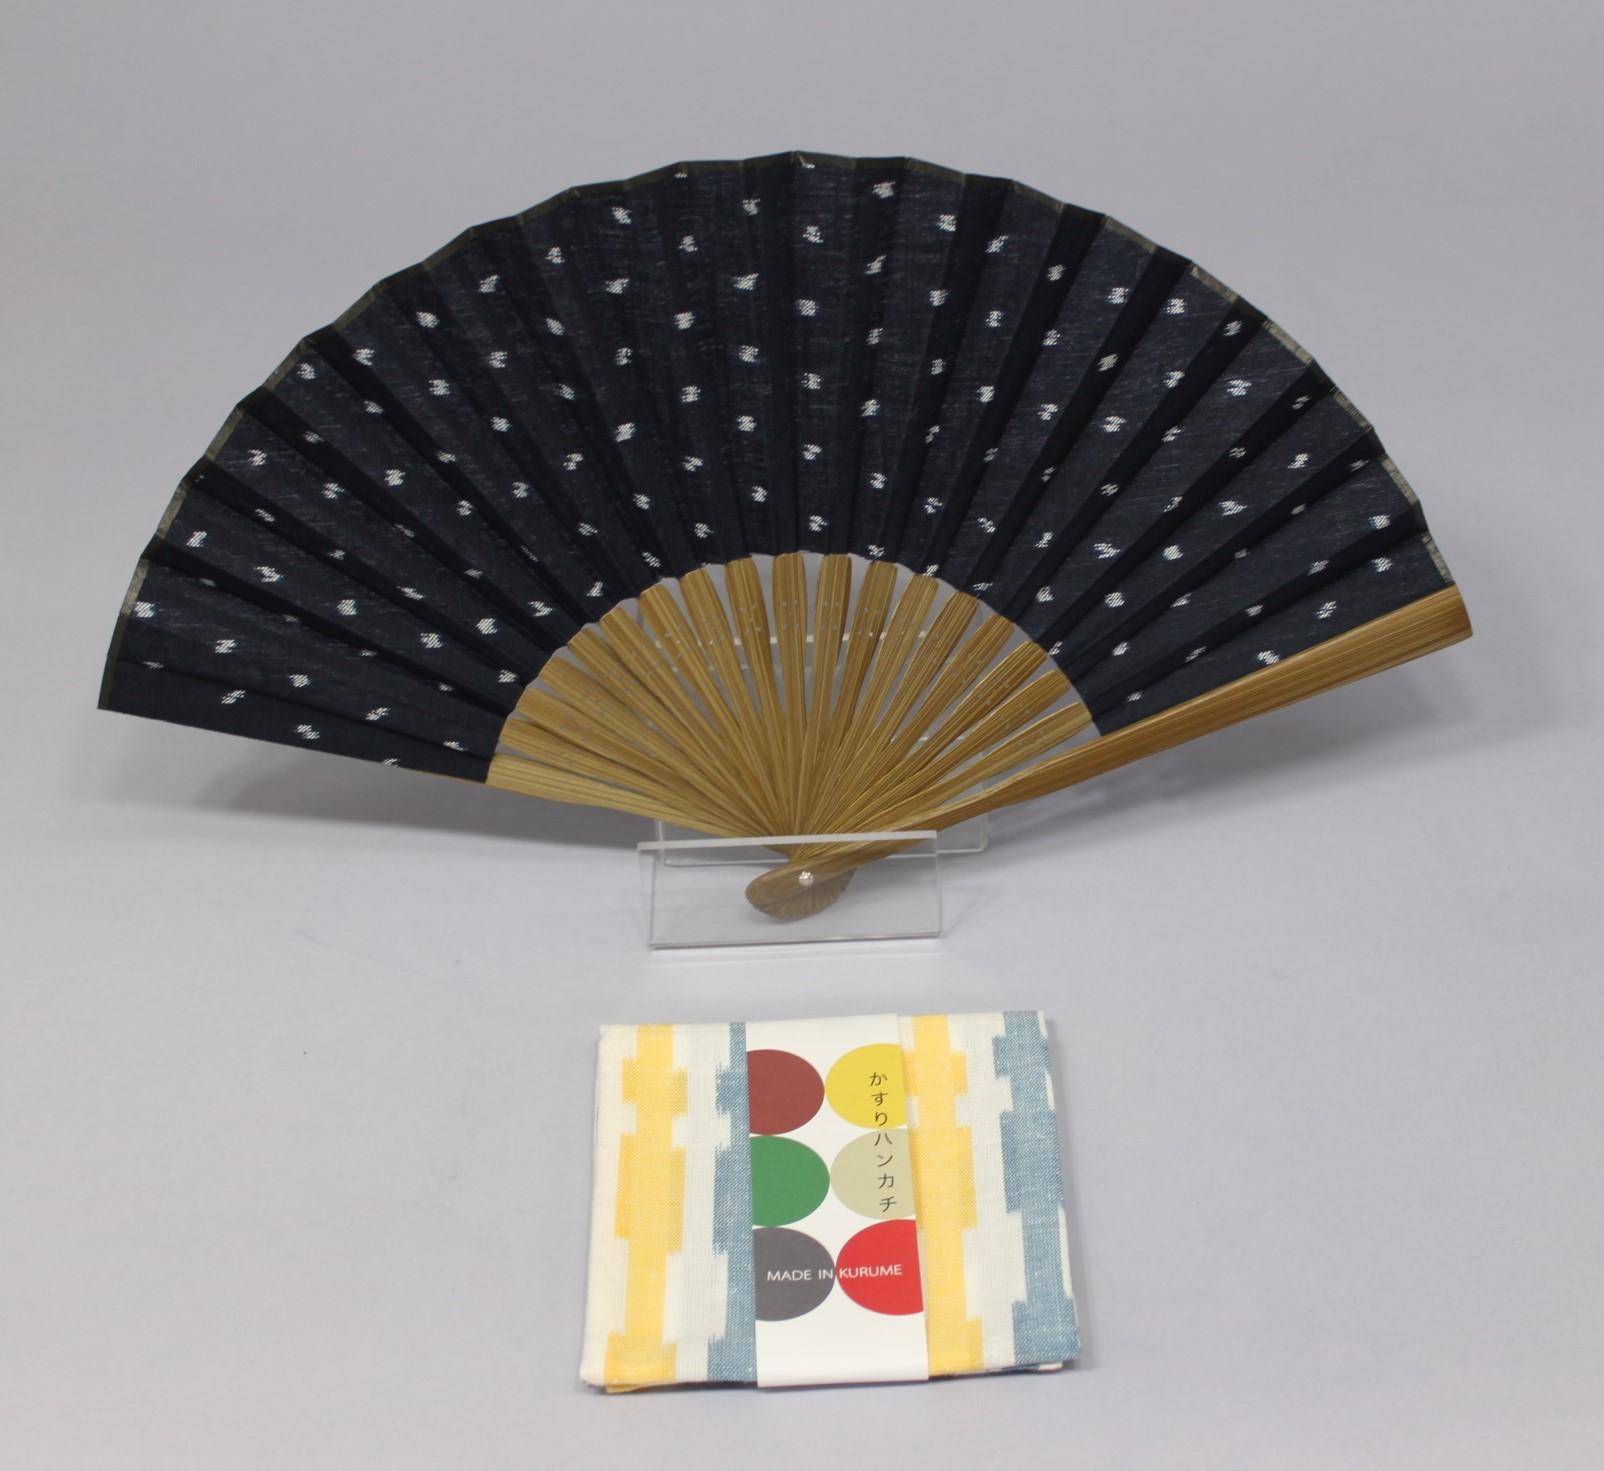 久留米市特産品「扇子とハンカチ」